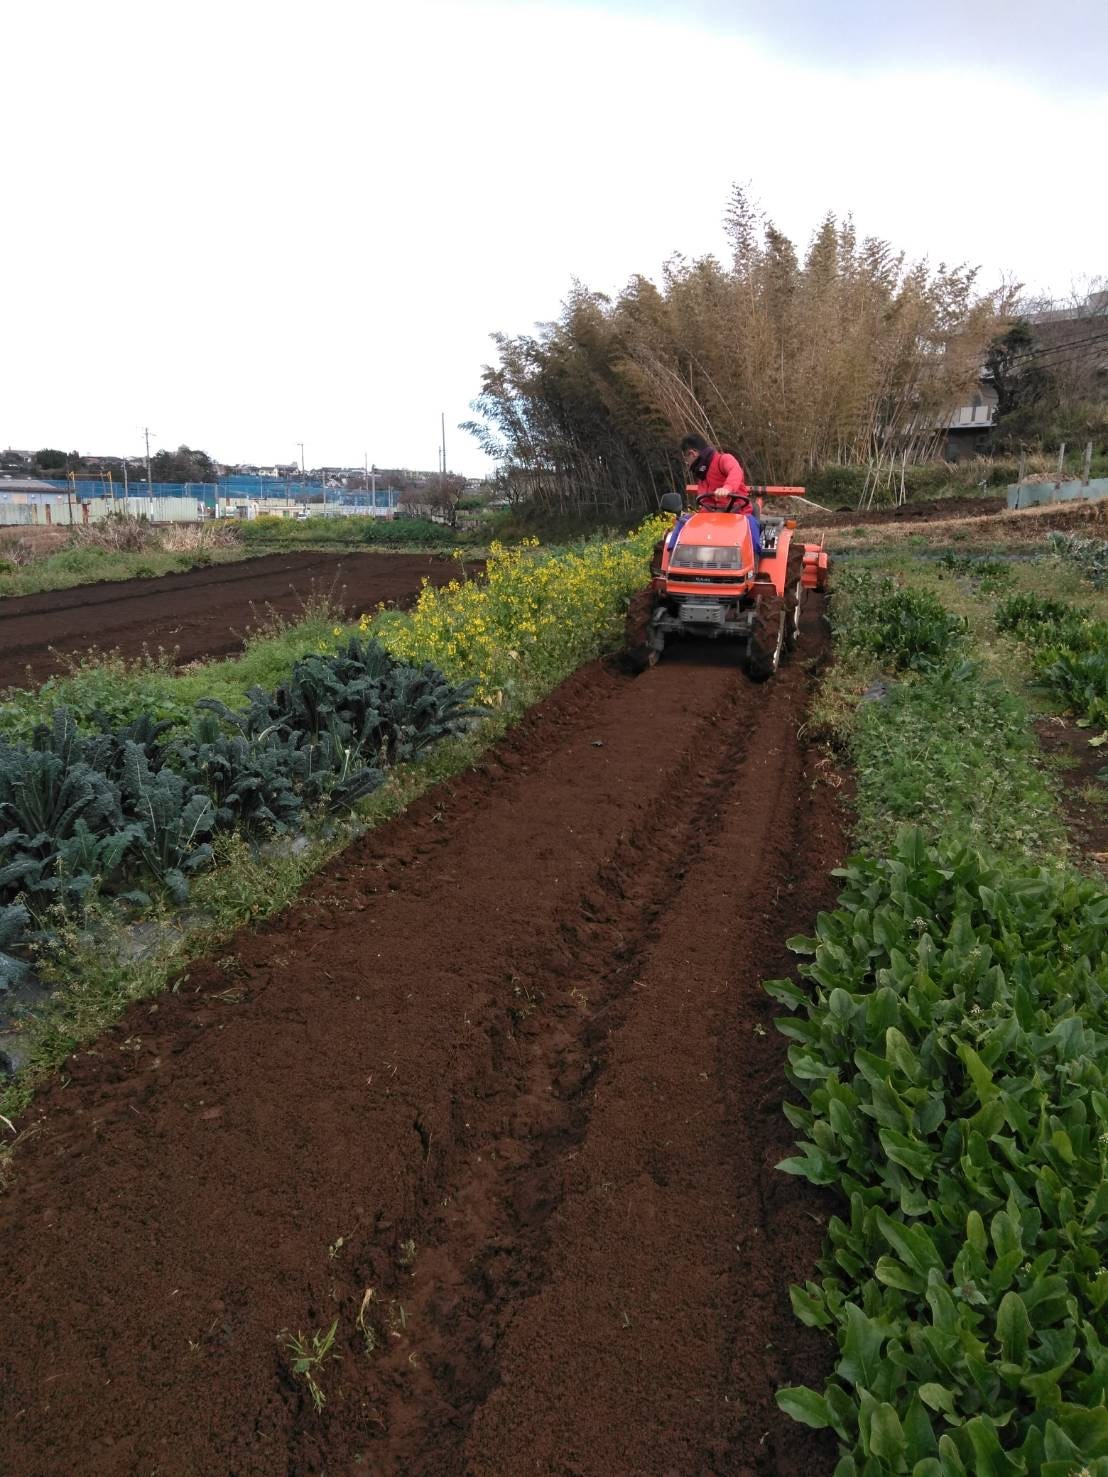 さあ じゃが芋の畝作りです 続いて 蚕豆 エンドウ豆の防鳥ネット張り始めます_c0222448_13003227.jpg